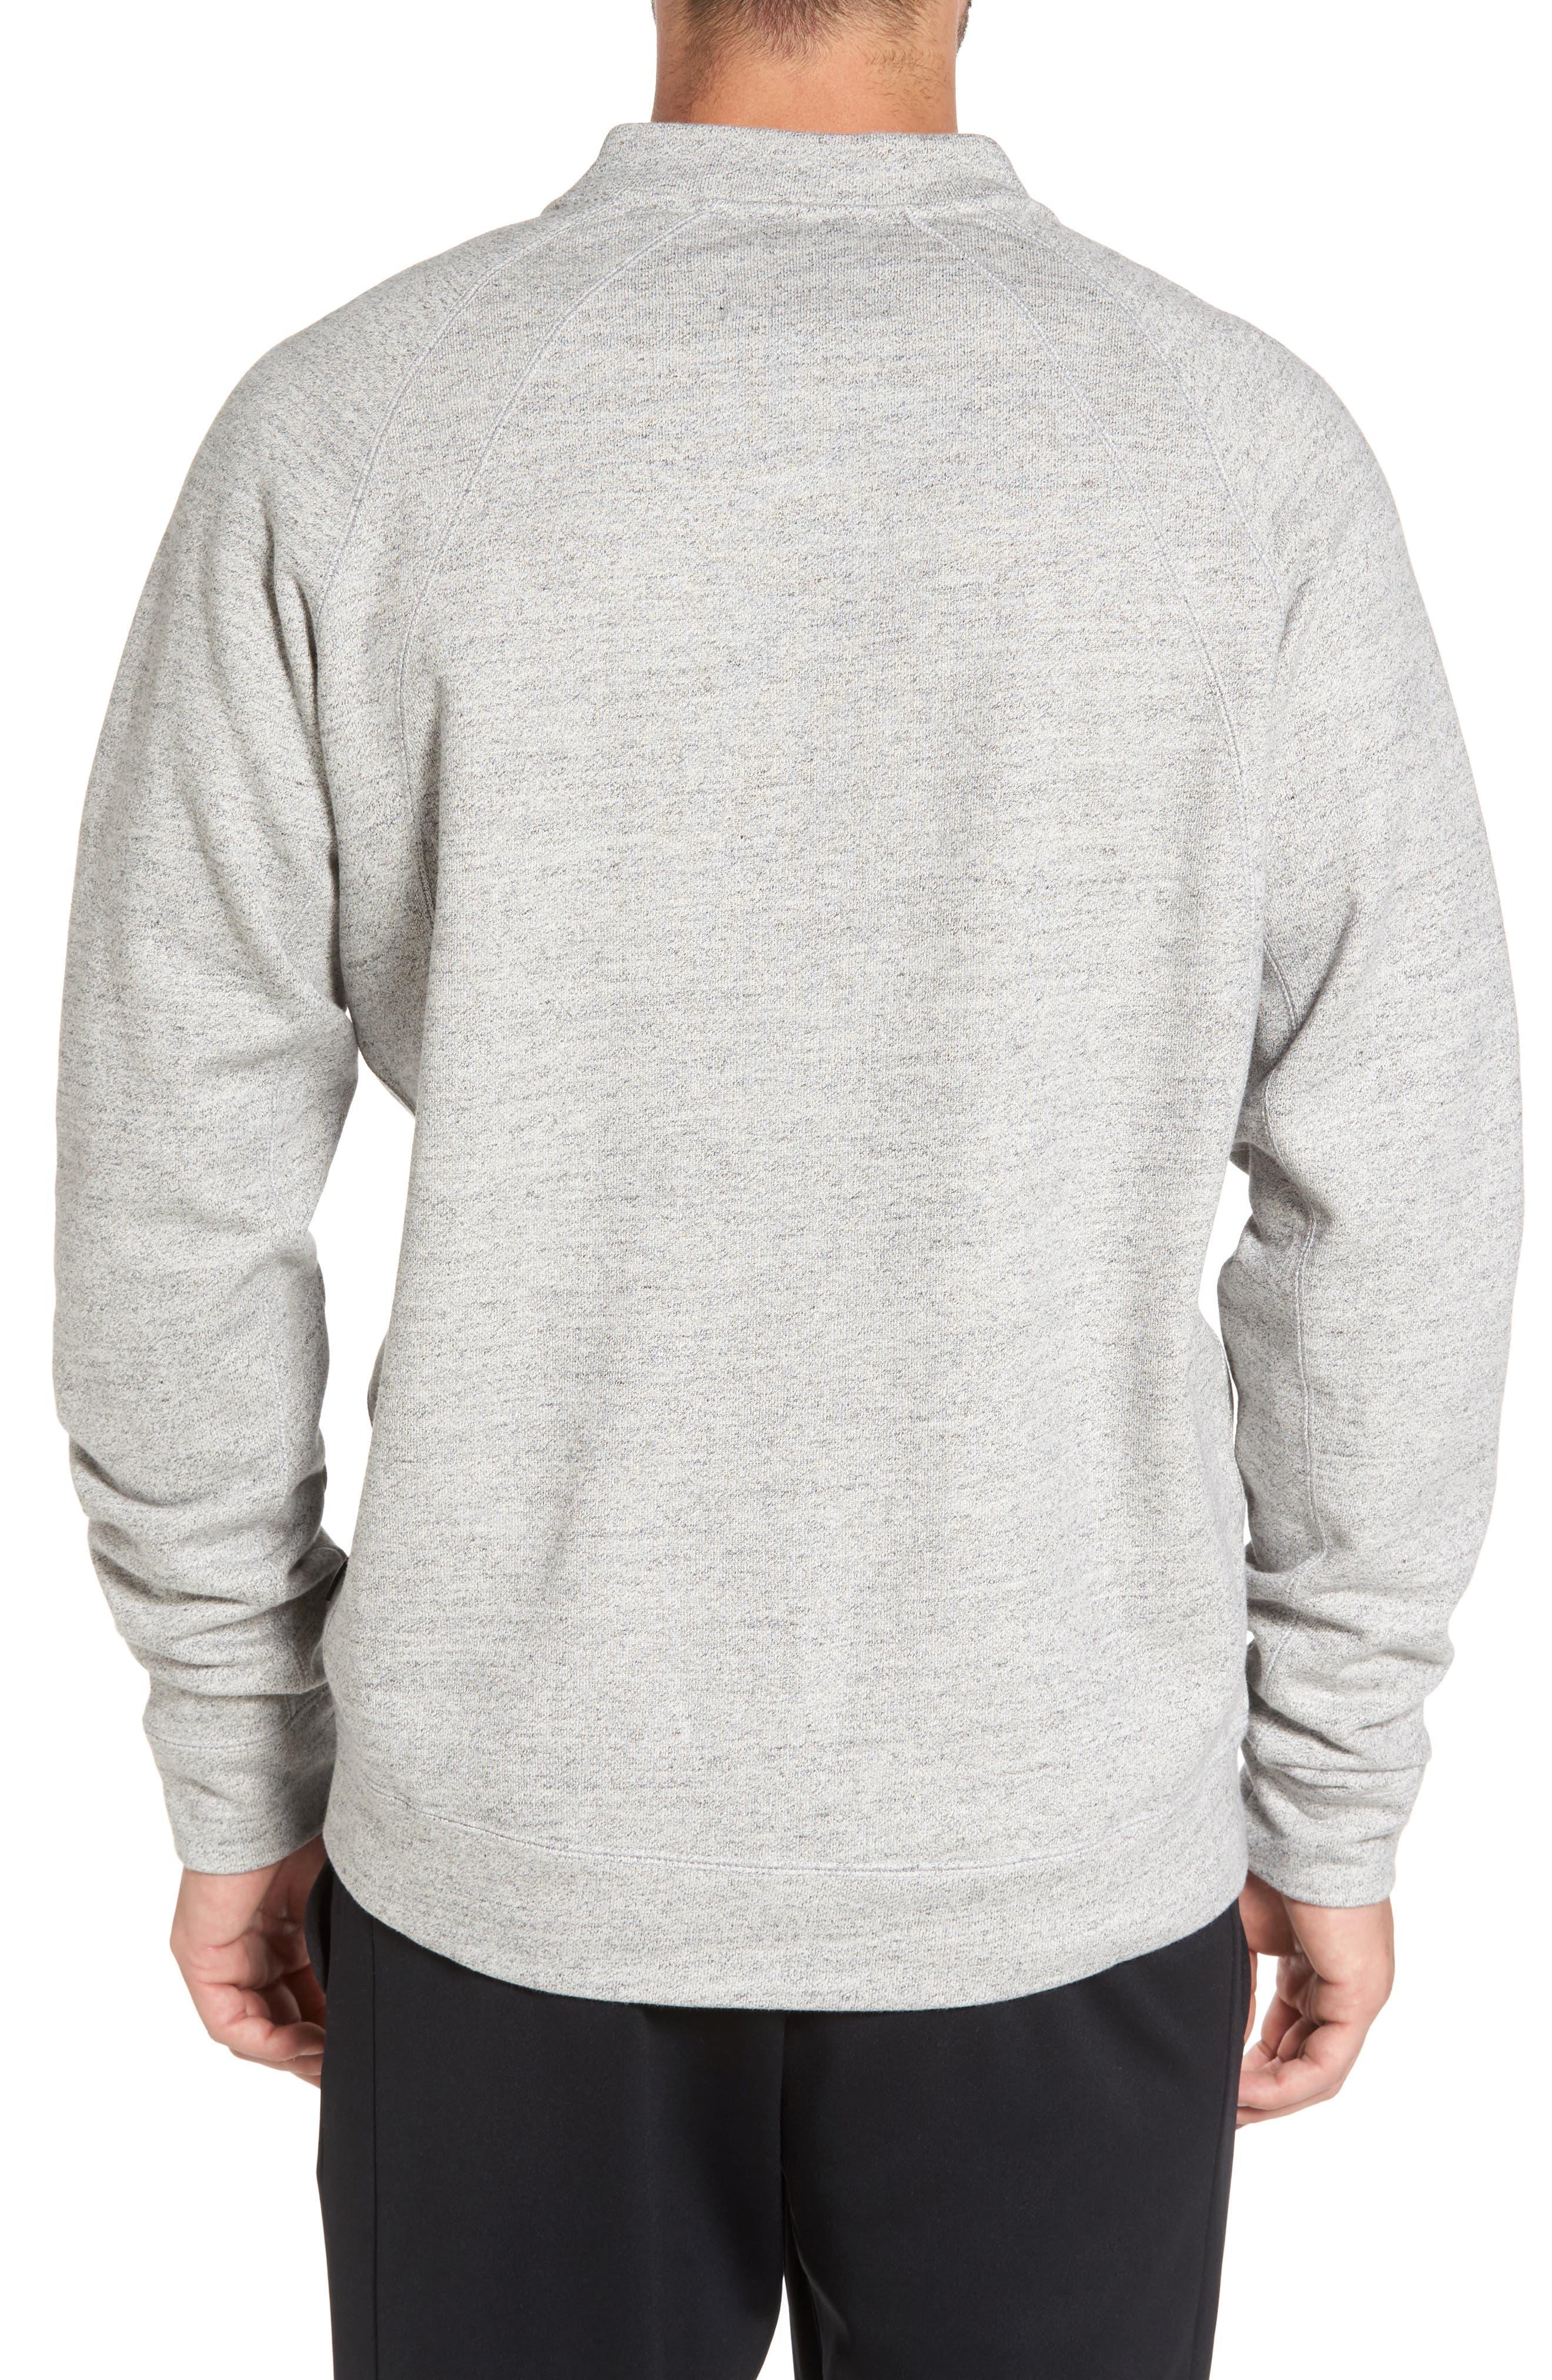 Sportswear Wings Fleece Bomber Jacket,                             Alternate thumbnail 2, color,                             Dark Grey Heather/ Black